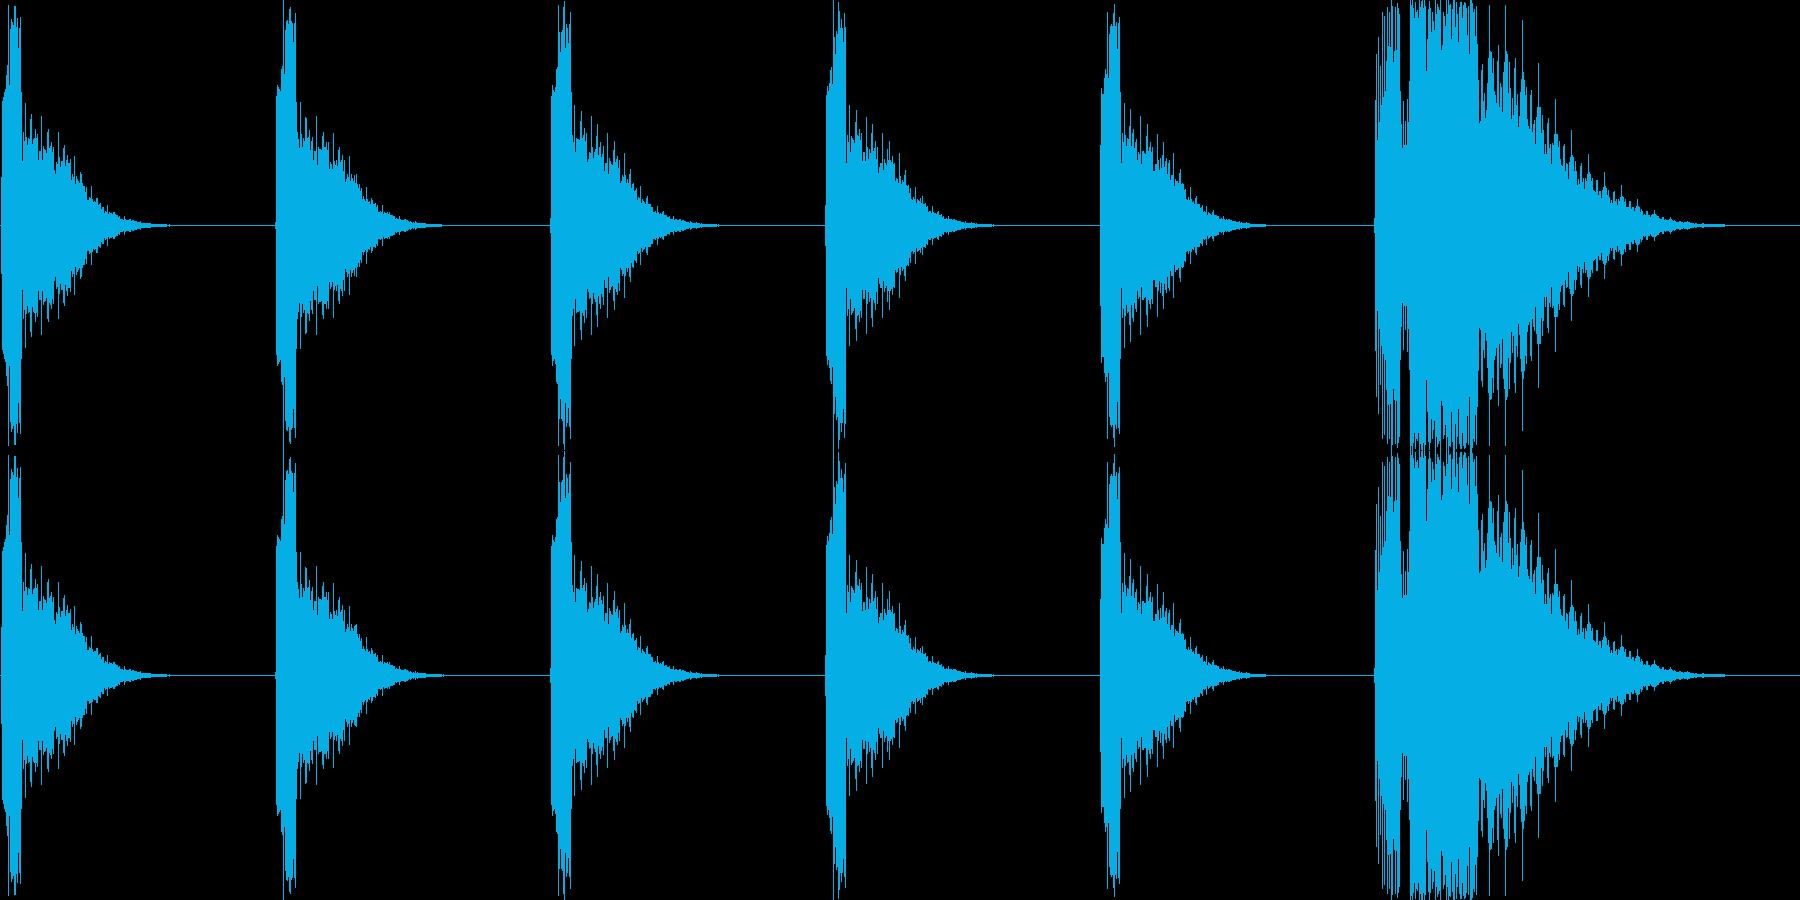 カウントダウン(543210)の再生済みの波形